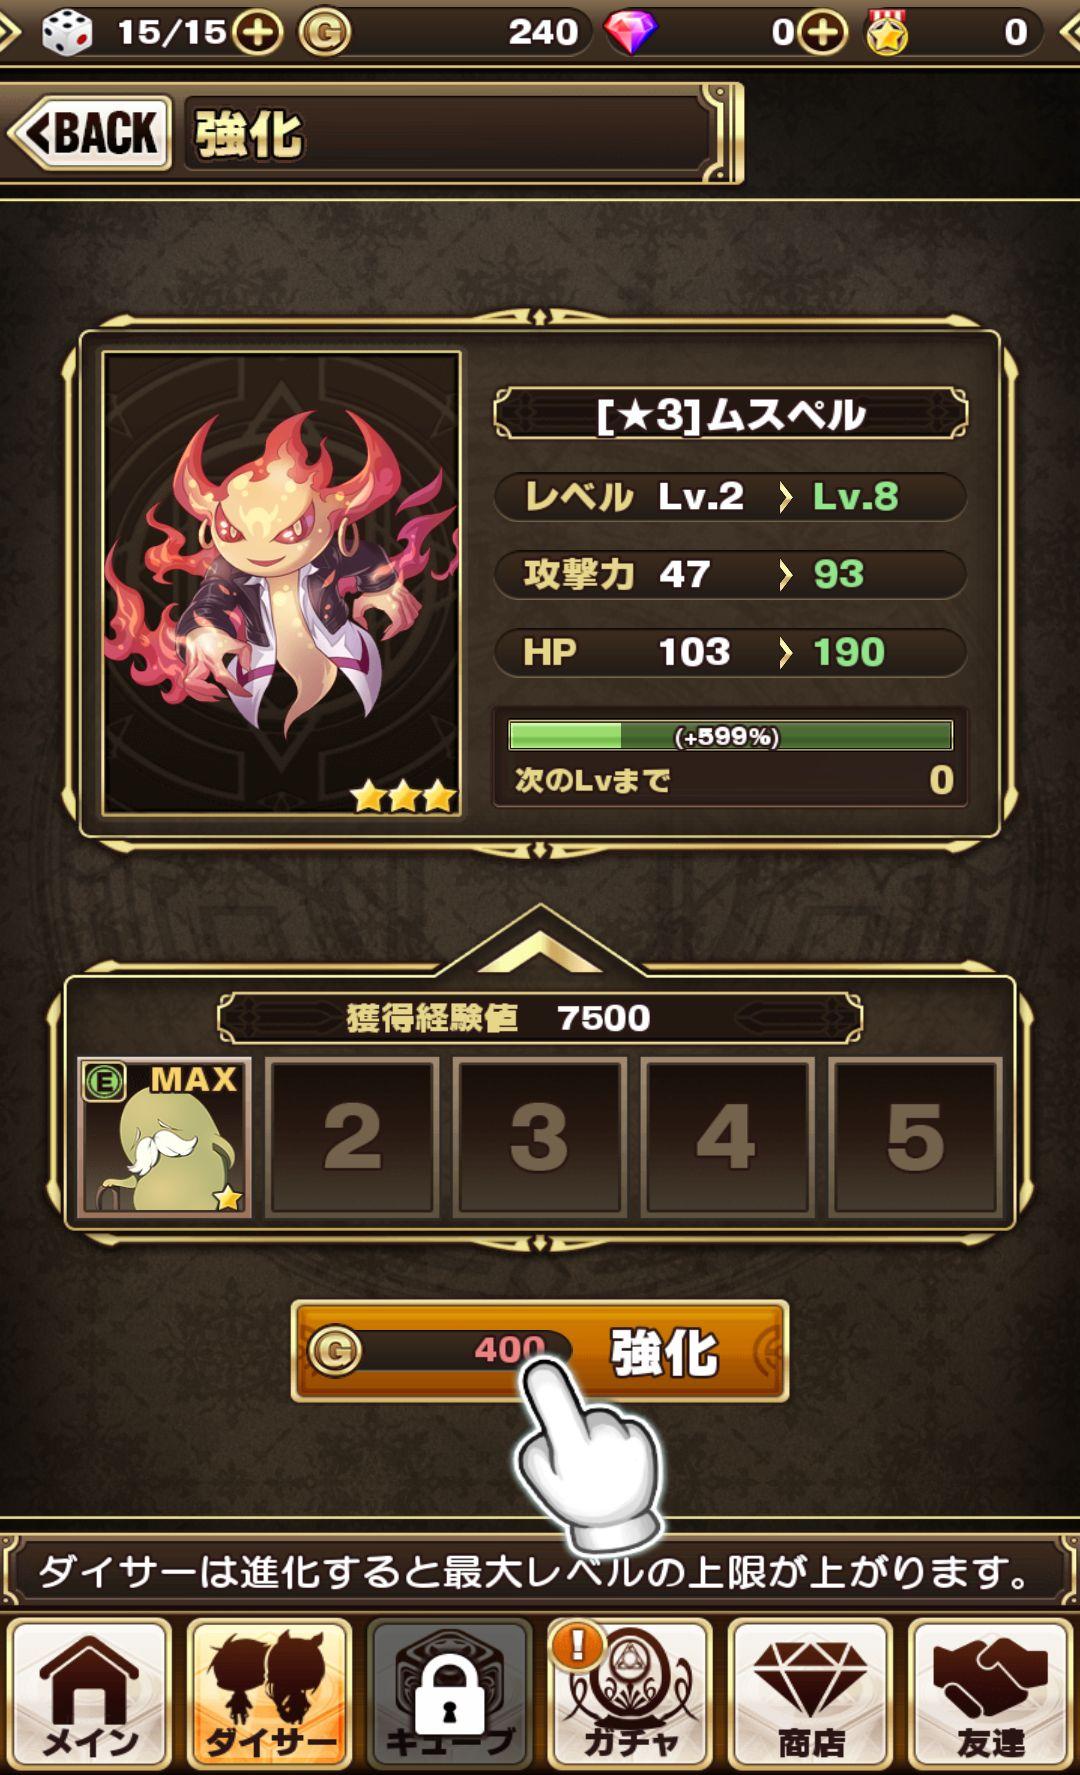 androidアプリ エラキス ~永遠の塔と騎士の物語~攻略スクリーンショット6